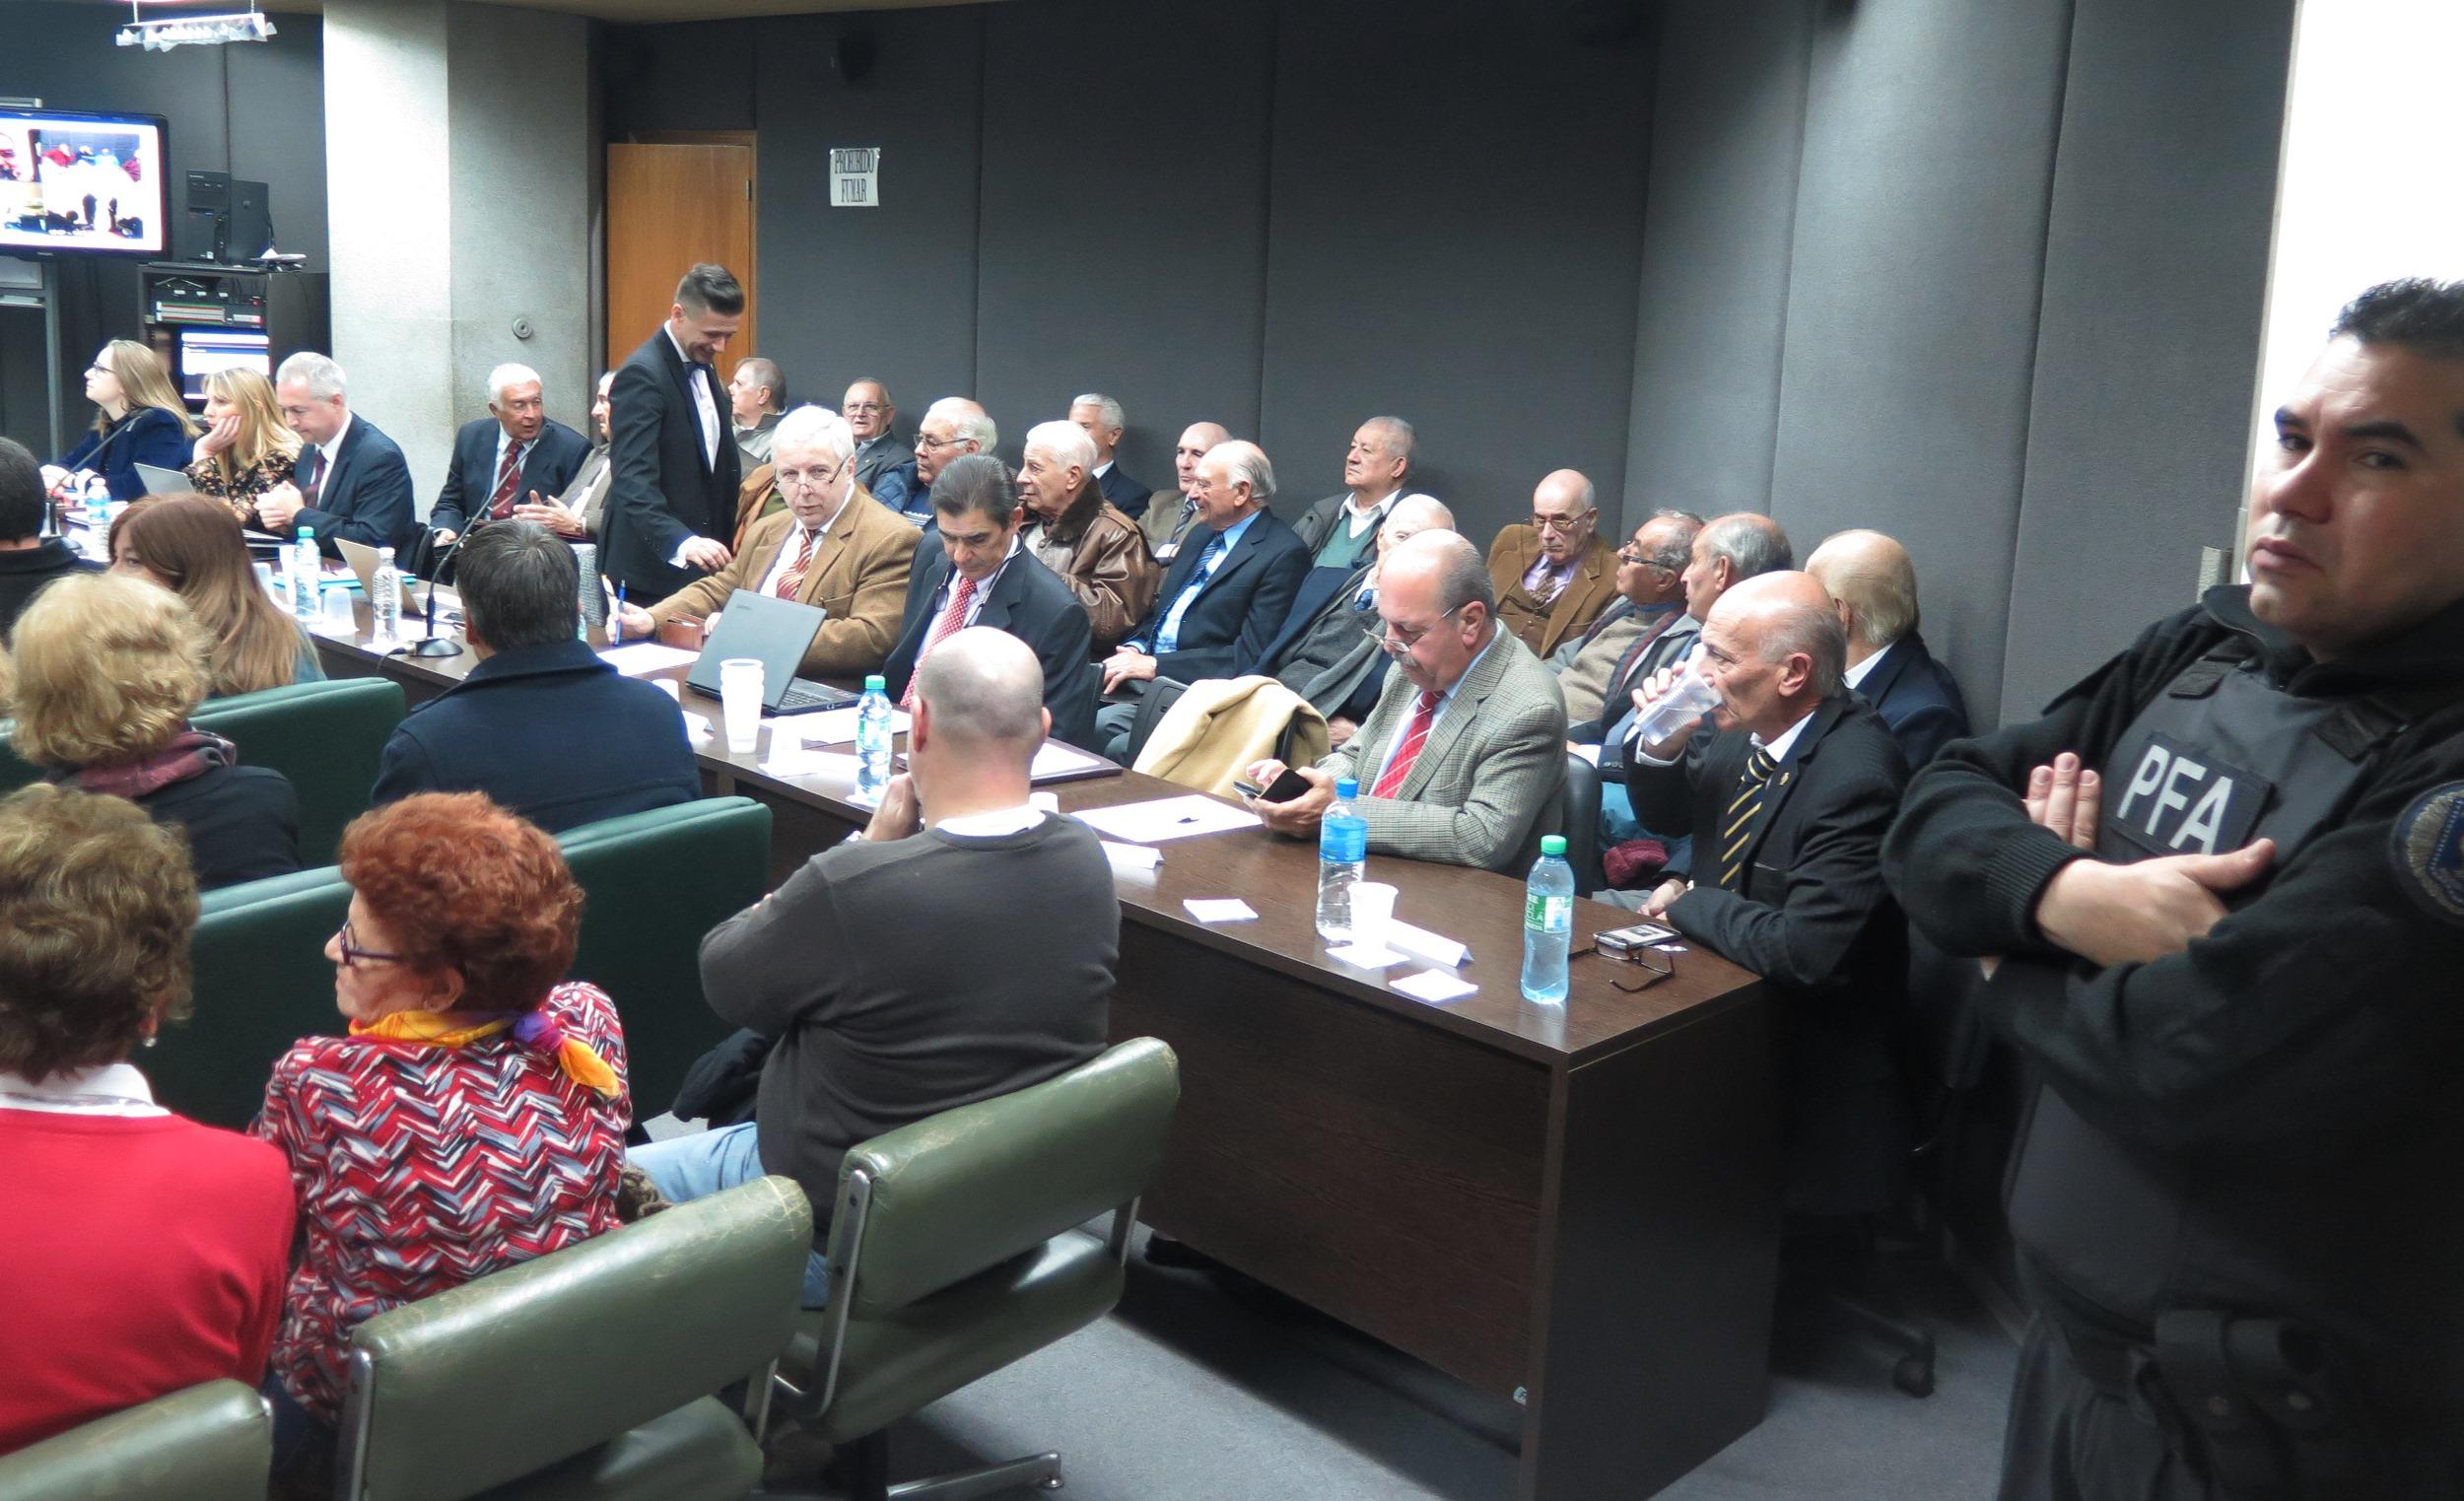 28 acusados llegaron a juicio oral y público. La mayoría siguió el debate desde la sala de audiencias y otros lo hicieron por videoconferencia. - Foto: Belén Cano / Fiscalía General de Mar del Plata